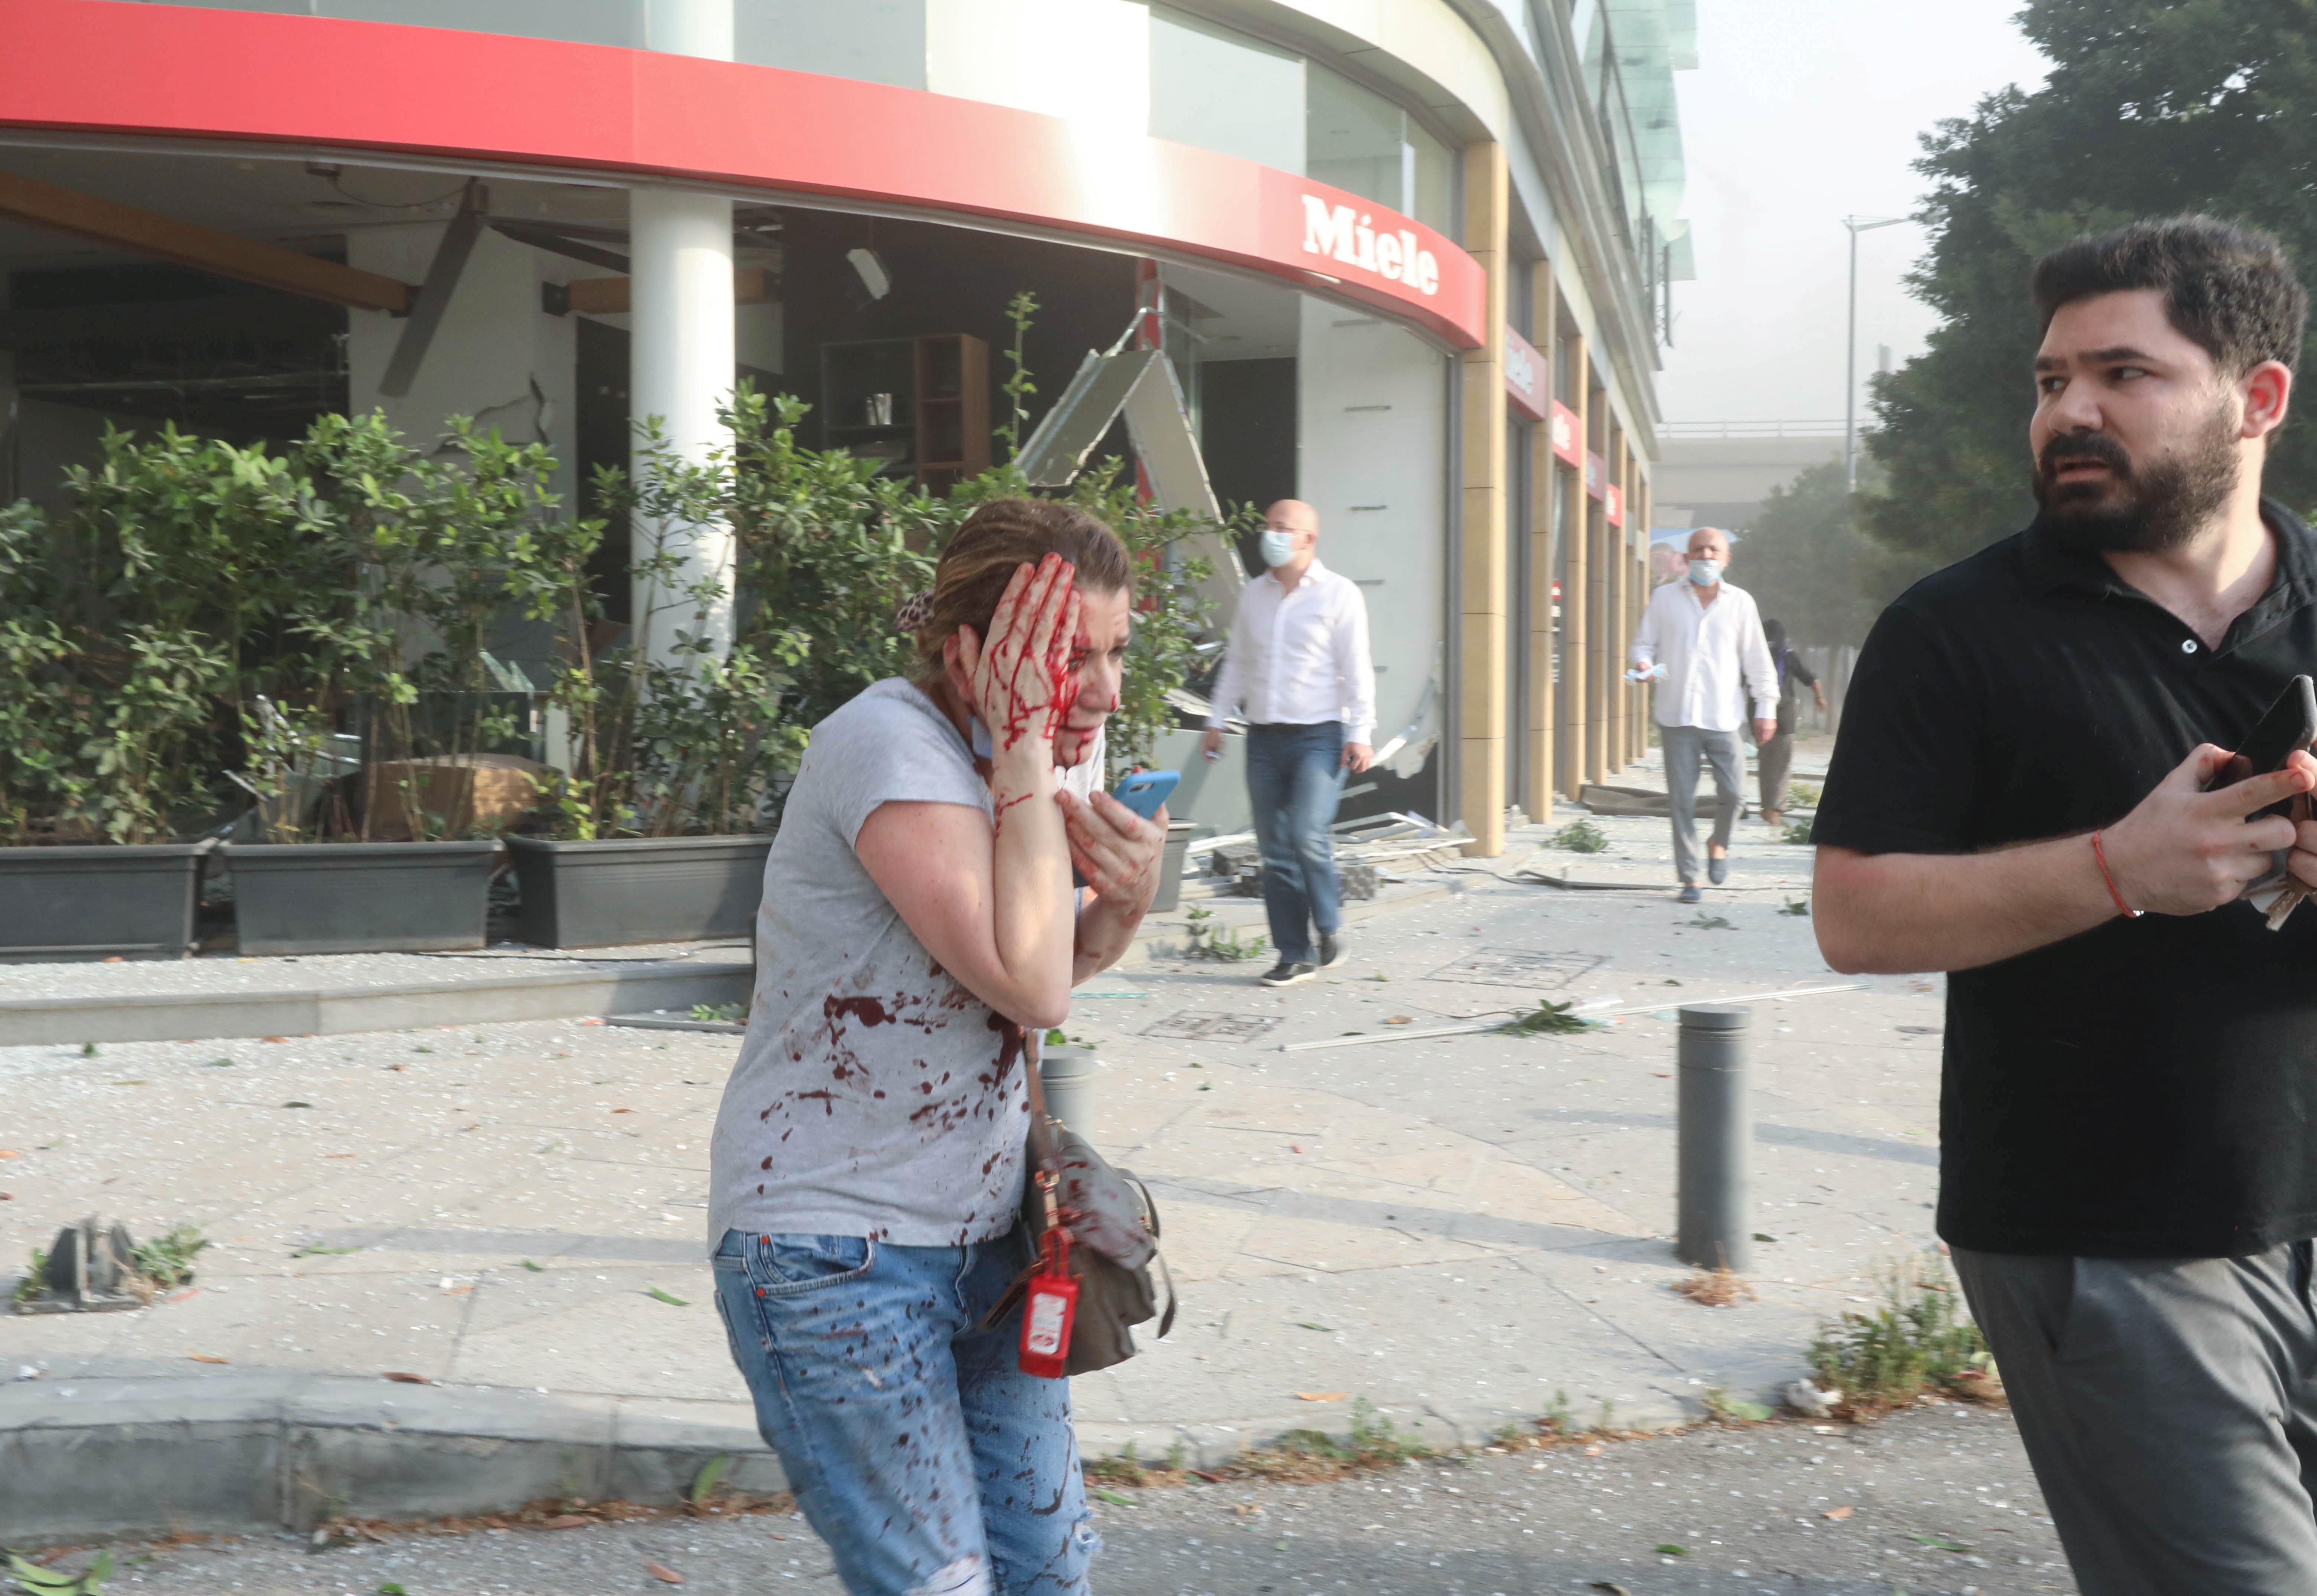 Una mujer herida es vista después de la explosión en Beirut, Líbano, el 4 de agosto de 2020 (Reuters/ Mohamed Azakir)